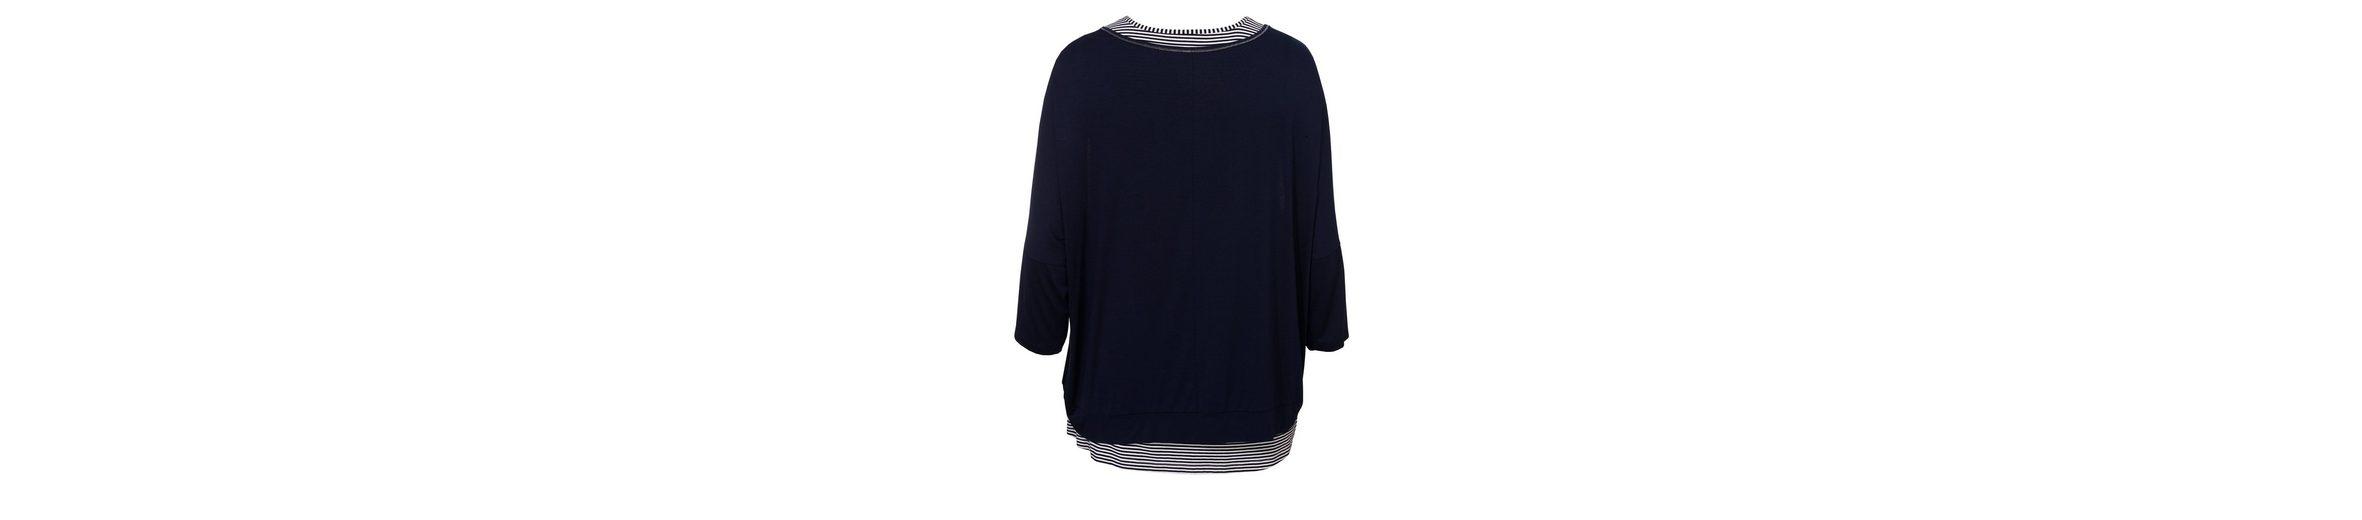 VIA APPIA DUE Raffiniertes 2-in-1 Shirt im Mustermix Niedriger Preis Zu Verkaufen WKIK3Q5